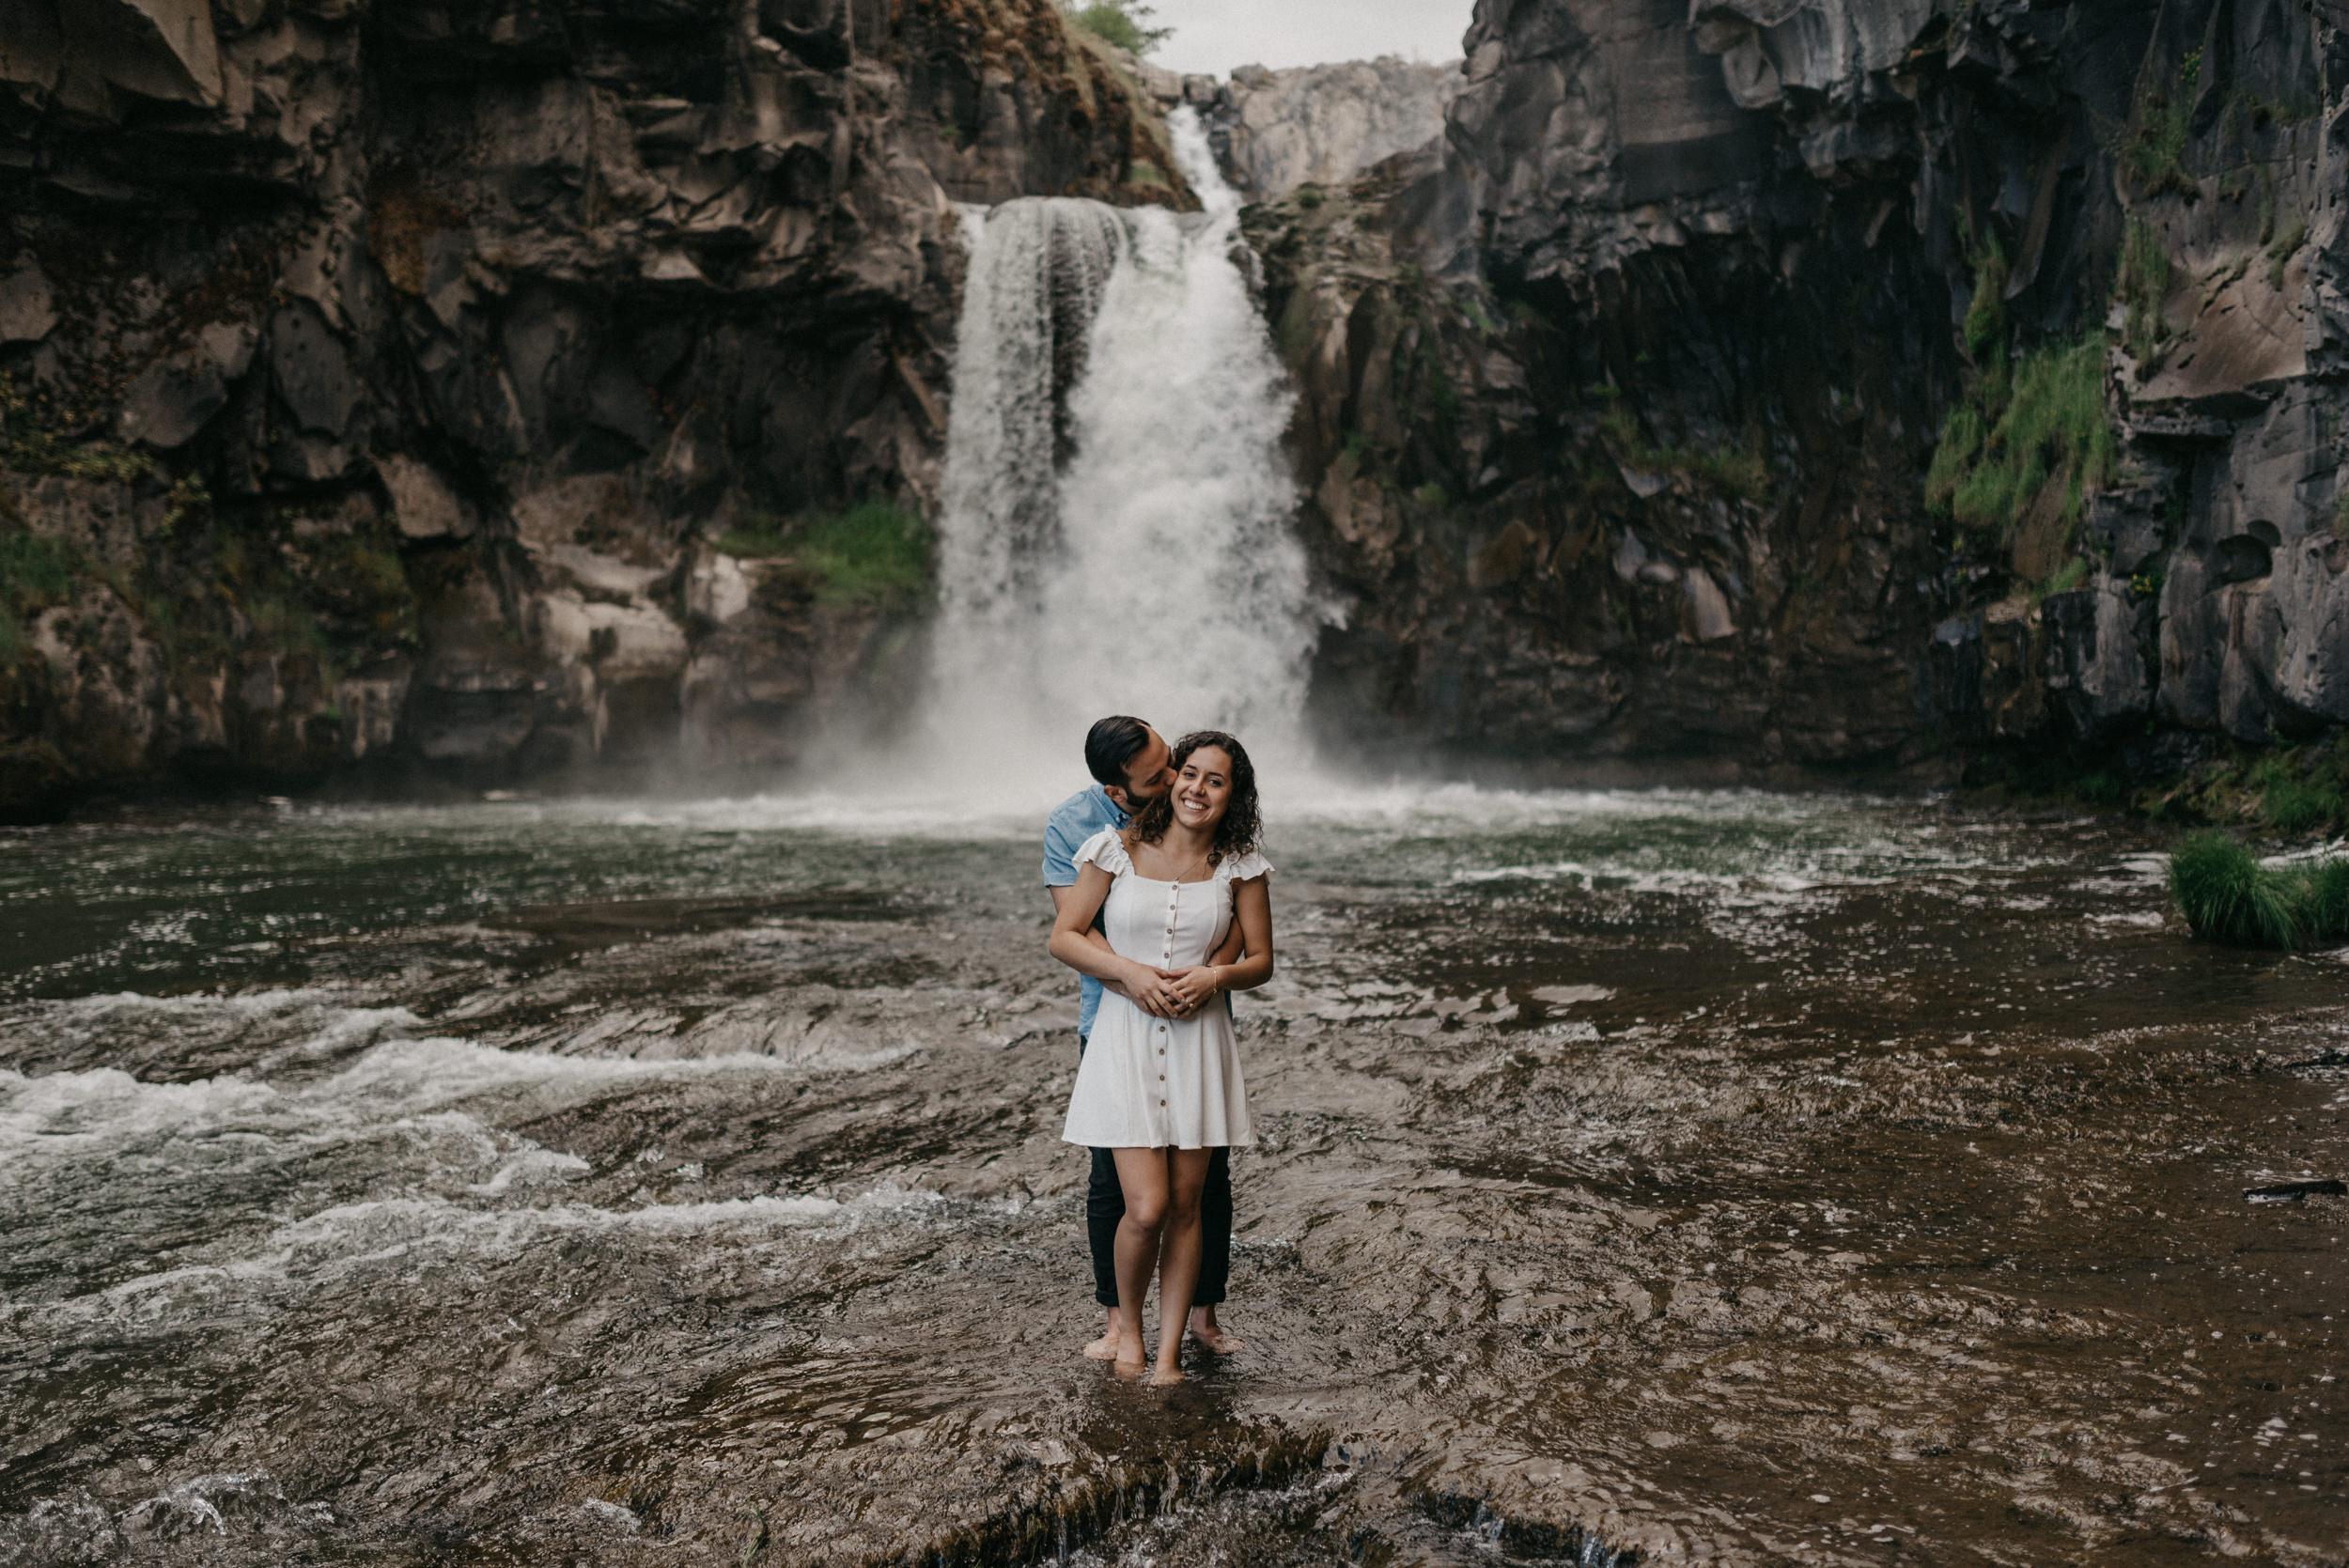 35-White-river-falls-state-park-engagement-5849.jpg